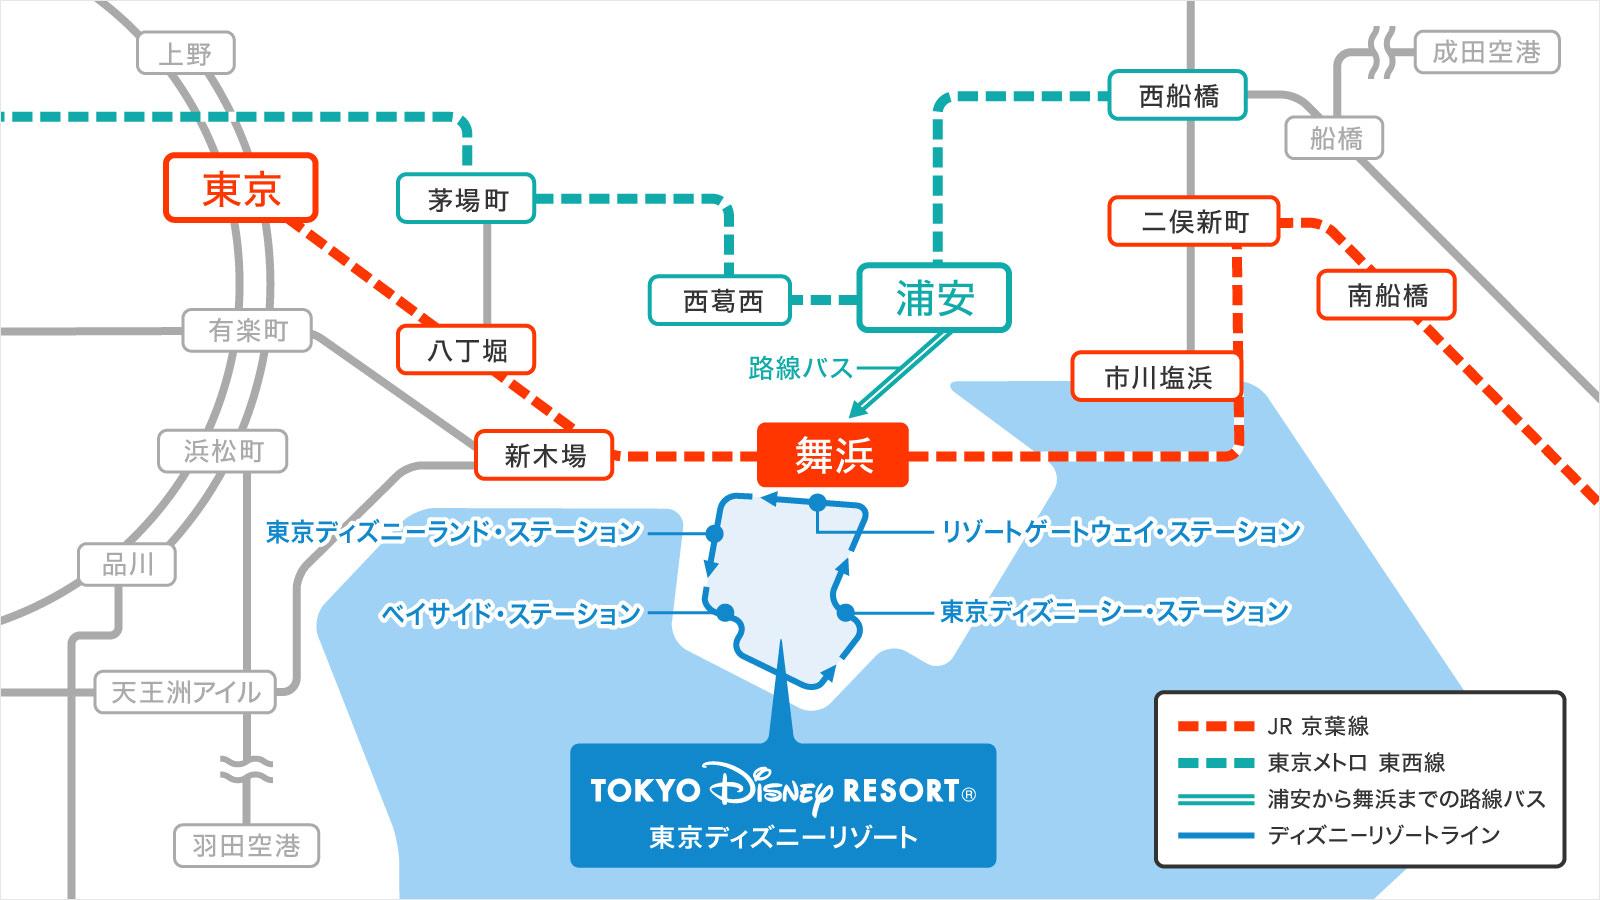 公式】電車を利用する | 東京ディズニーランド